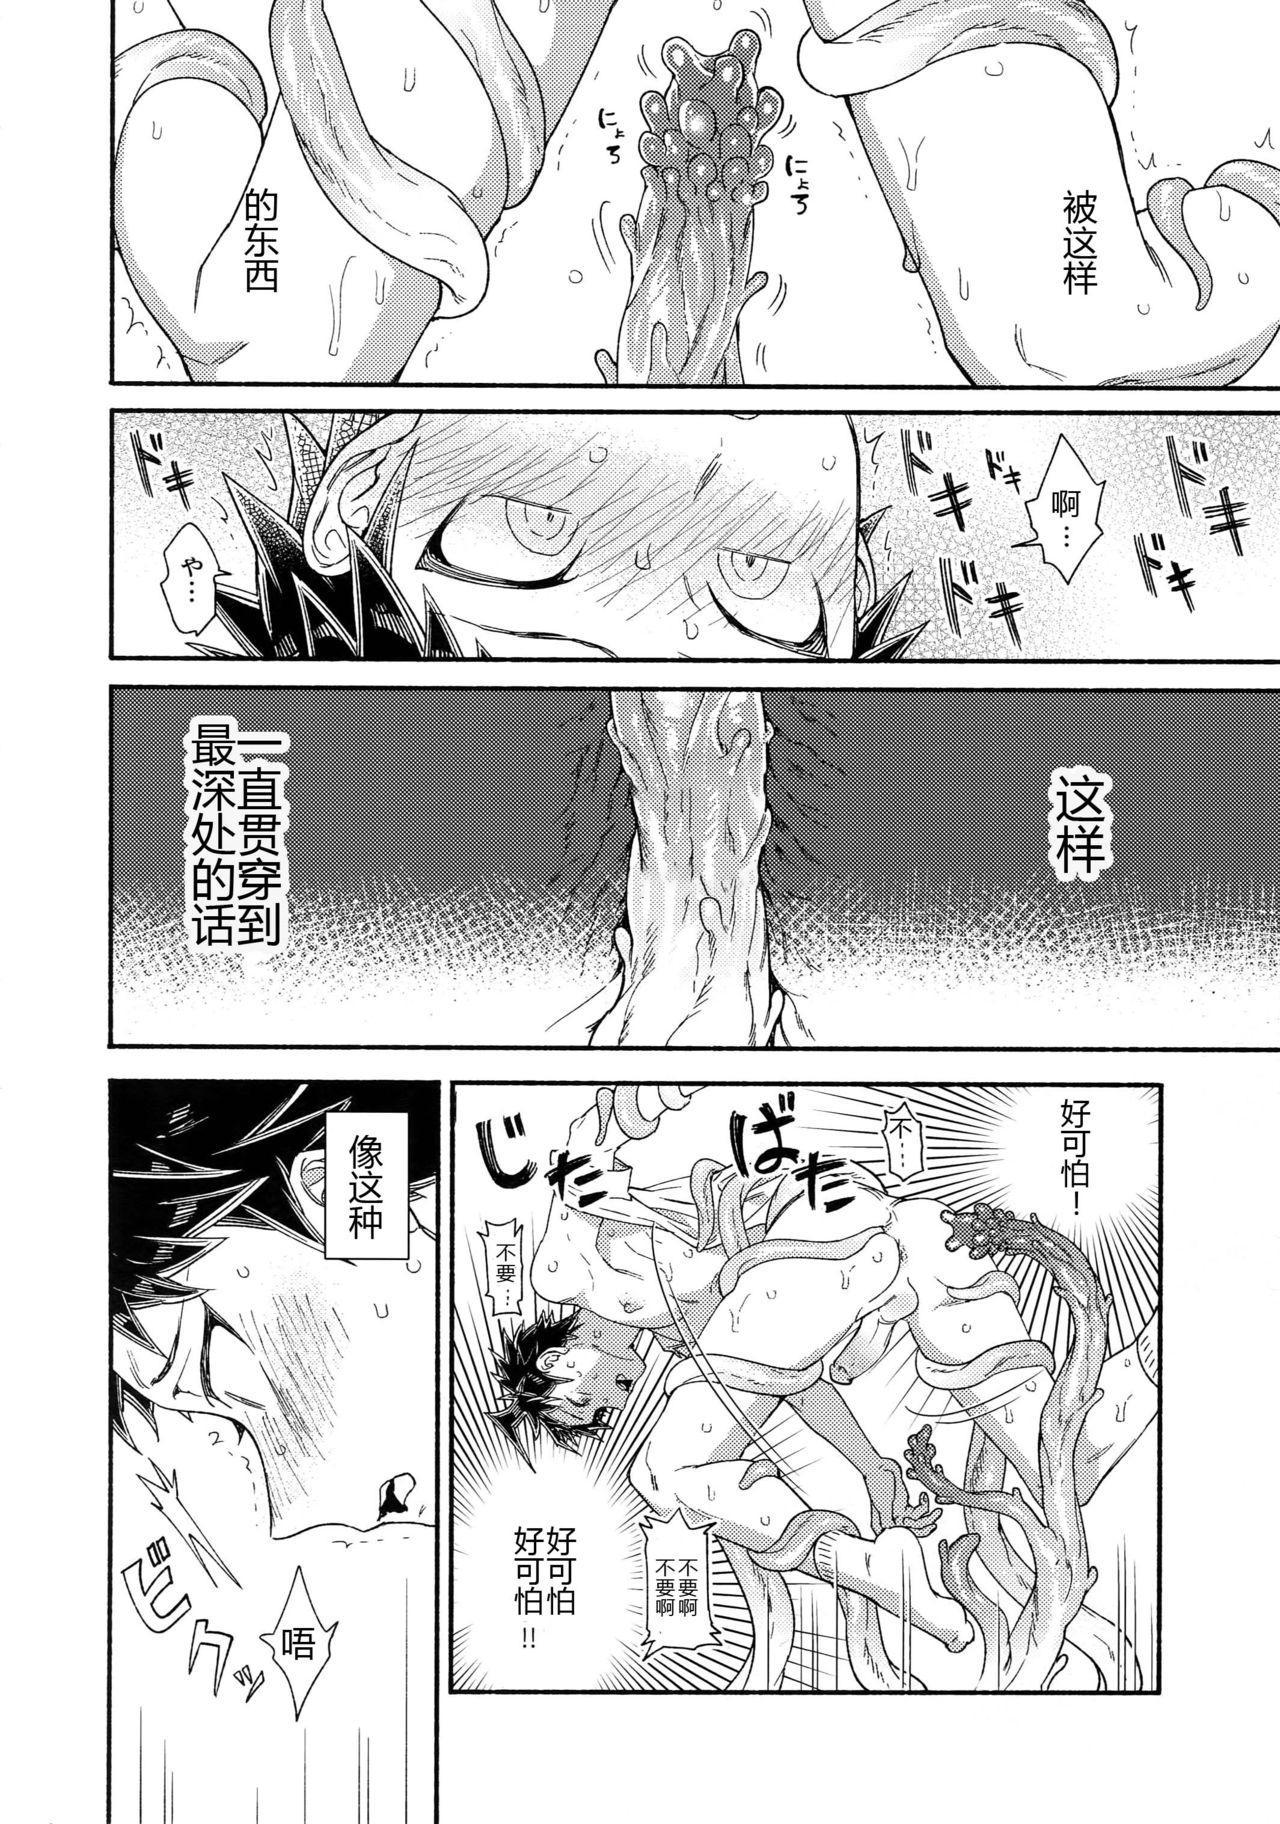 Tsunaide! Shokushu-kun! 连接吧!触手君! 16